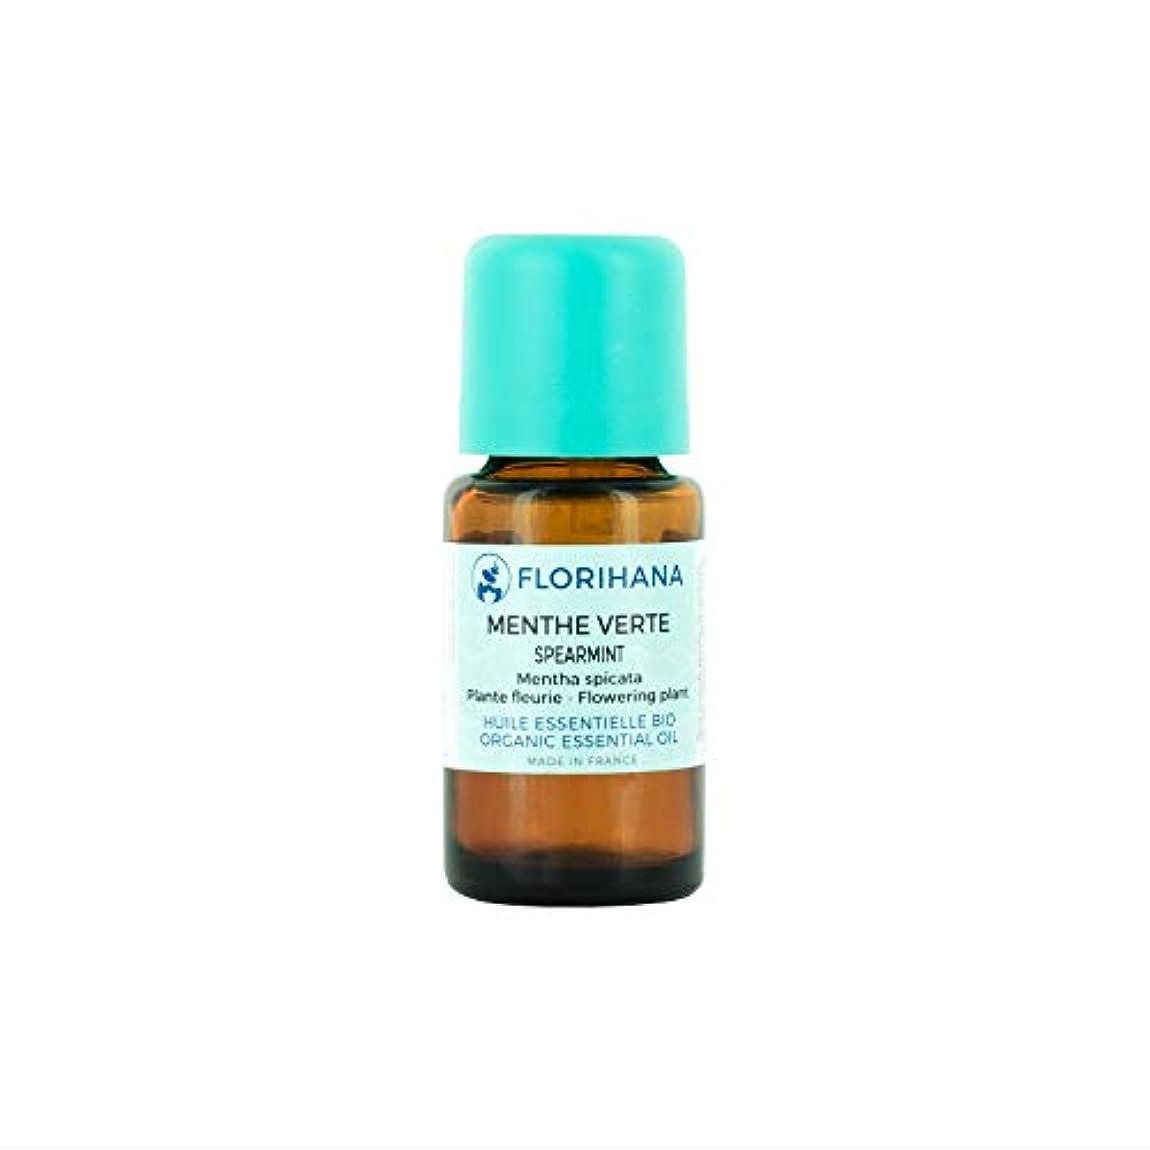 オーガニック エッセンシャルオイル スペアミント 15g(16ml)